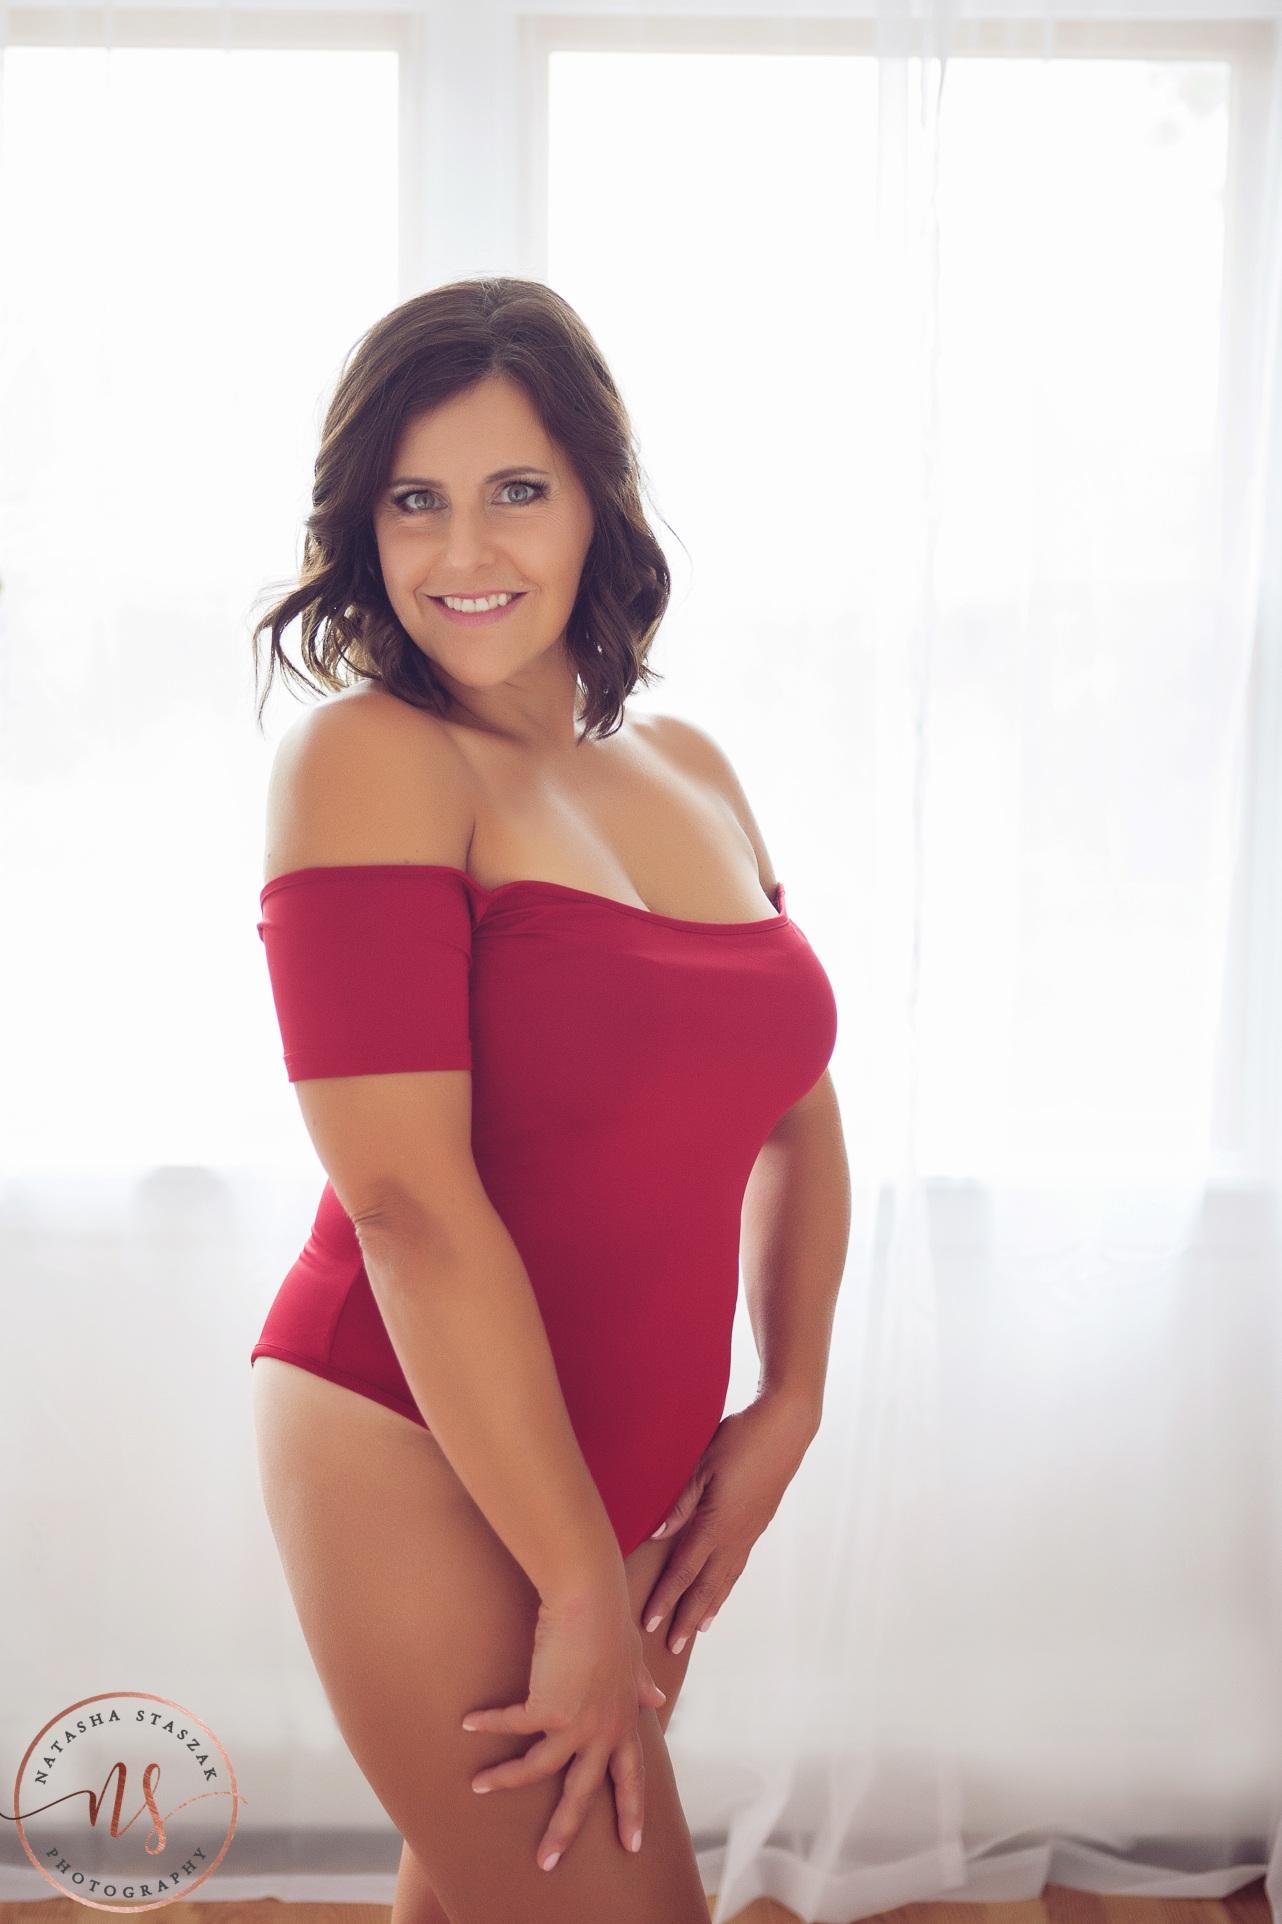 Boudoir Photographer Buffalo - Woman in red bodysuit